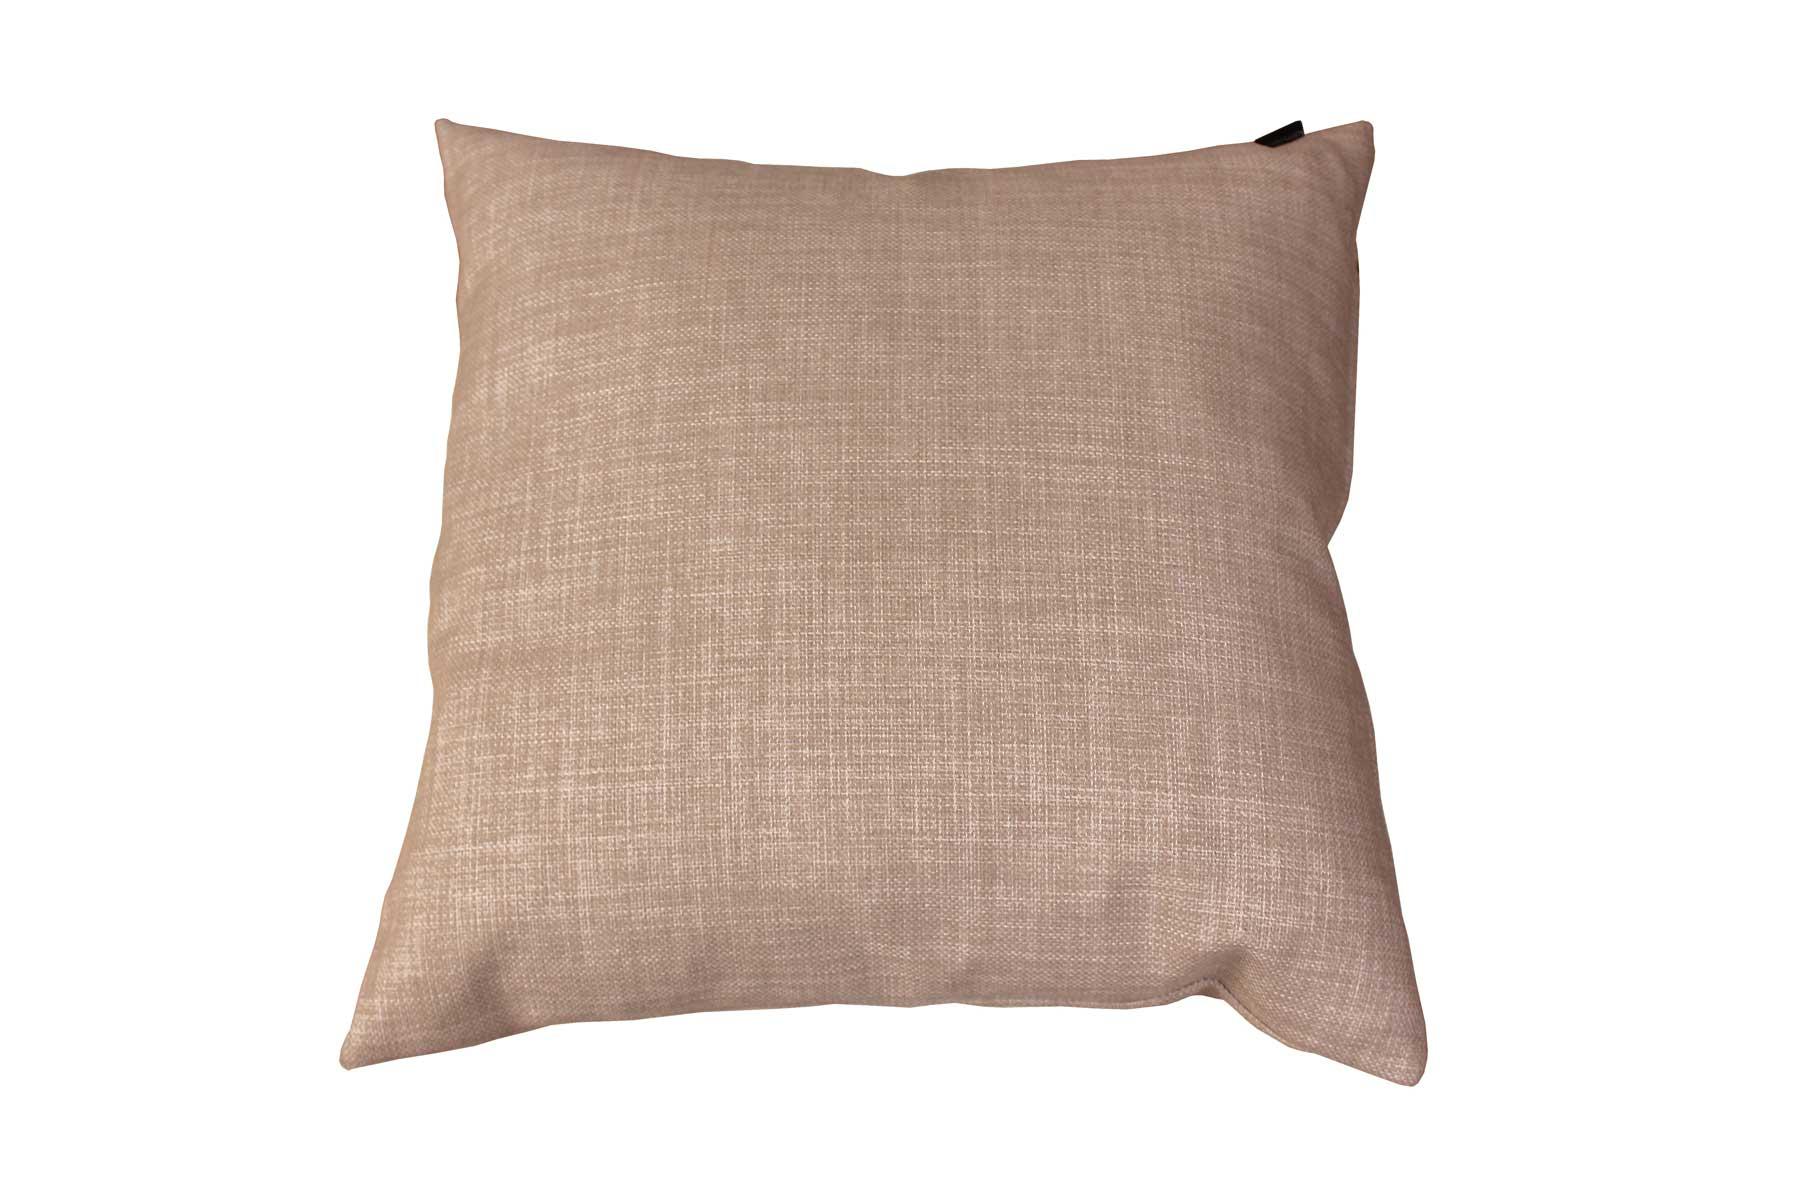 Billede af Unic sofapude, beige